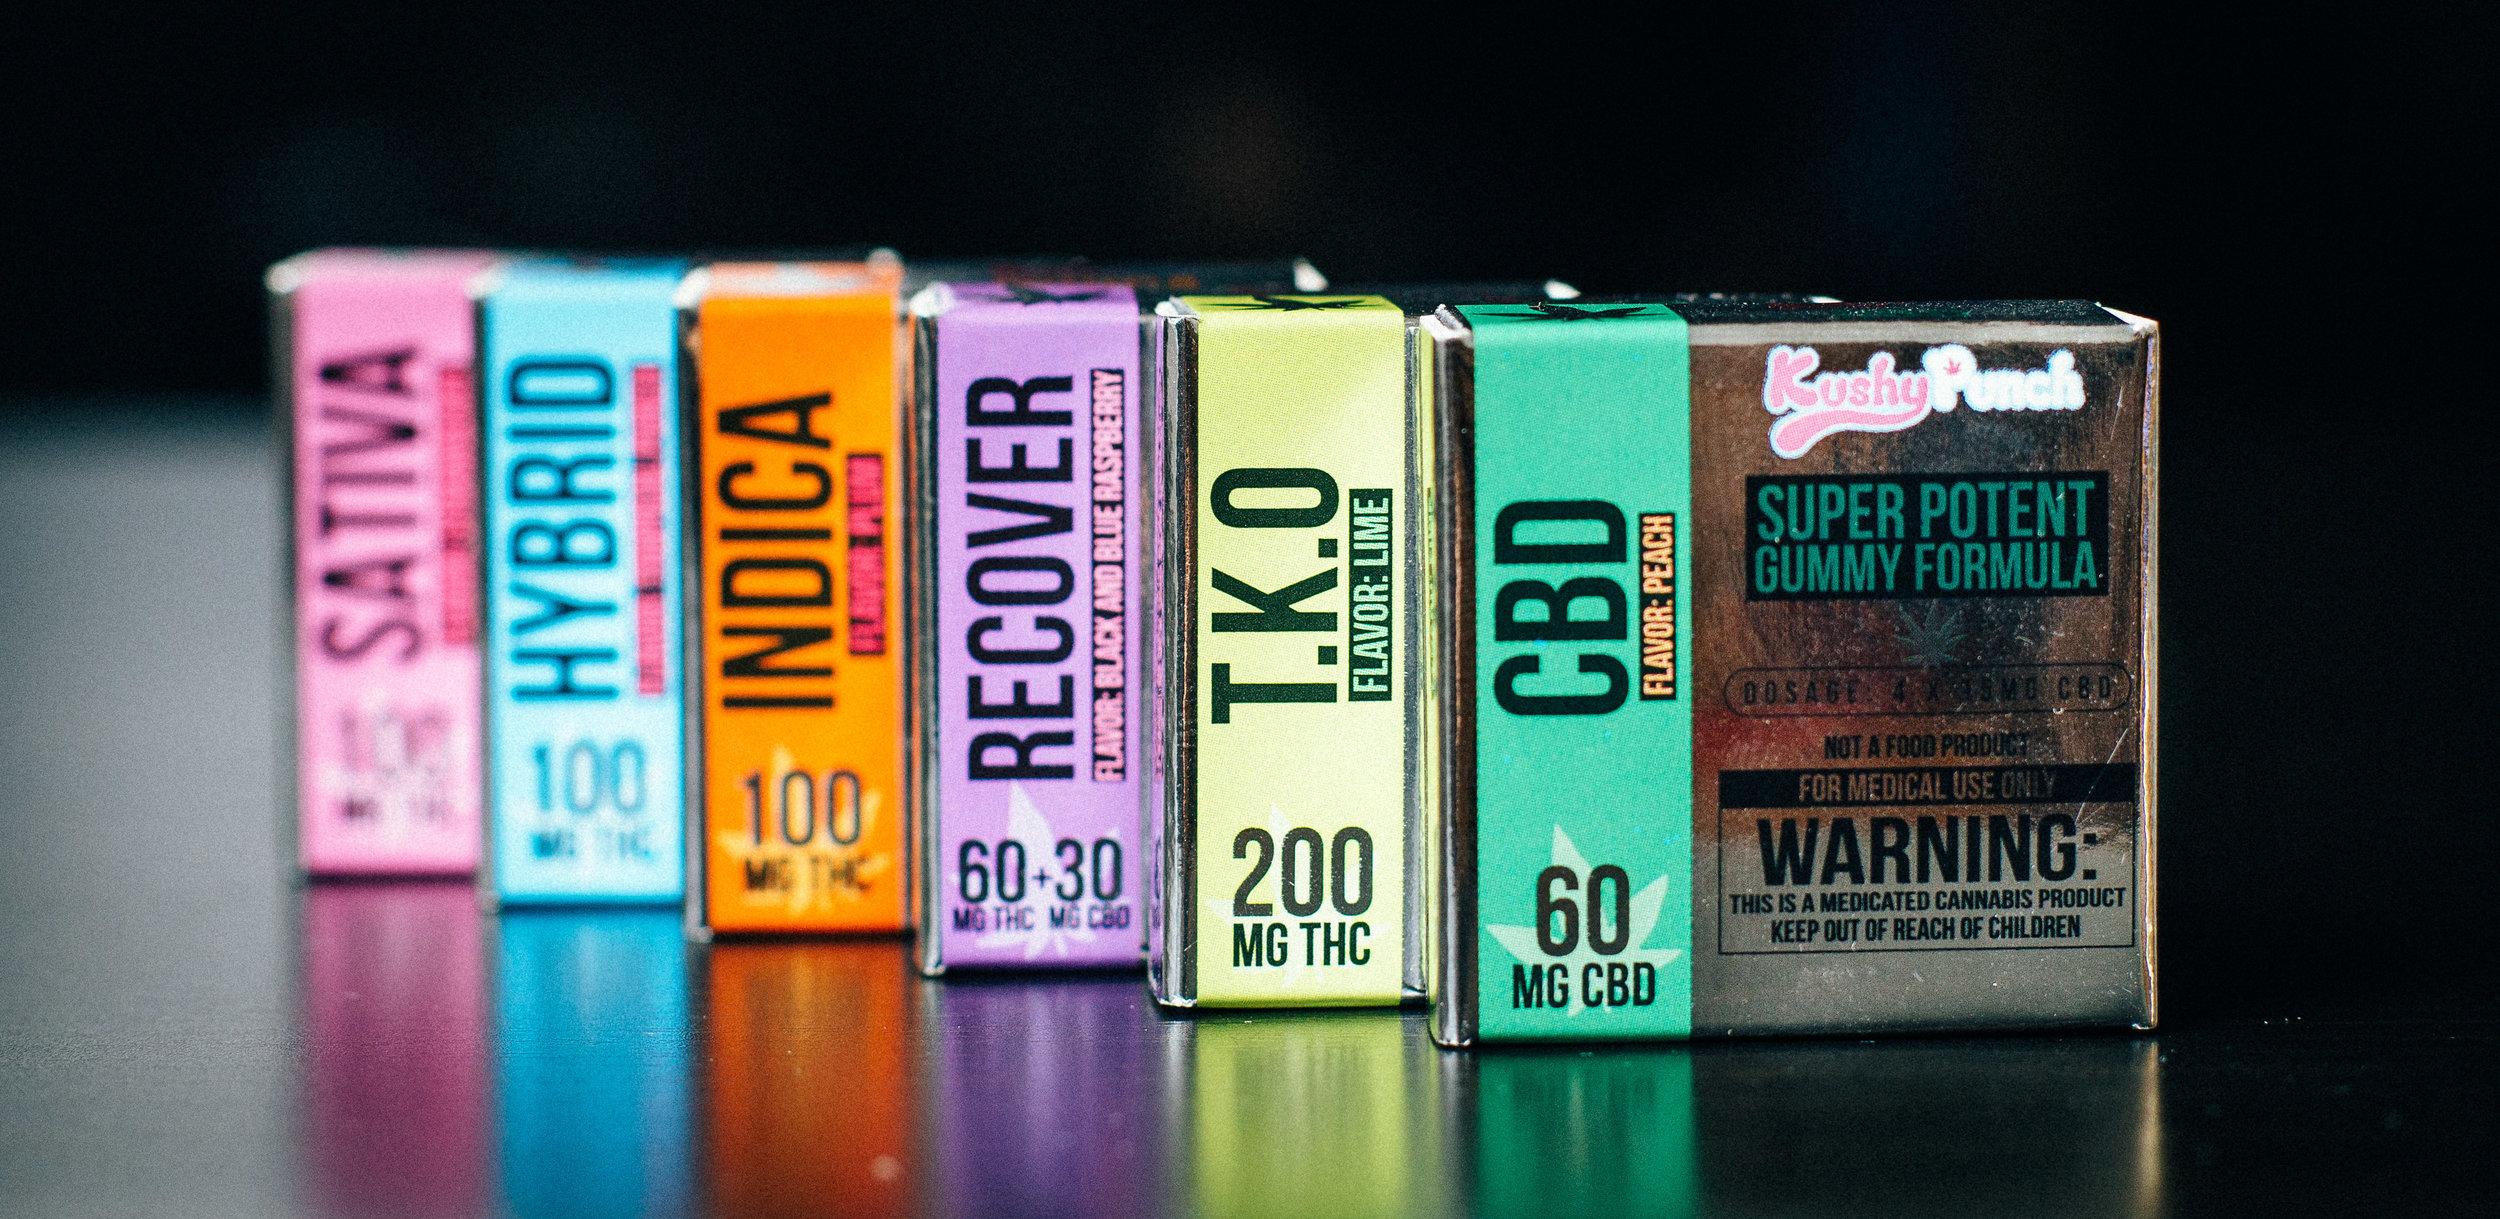 Kushy Punch Packaging - Photograph by Kushy Punch